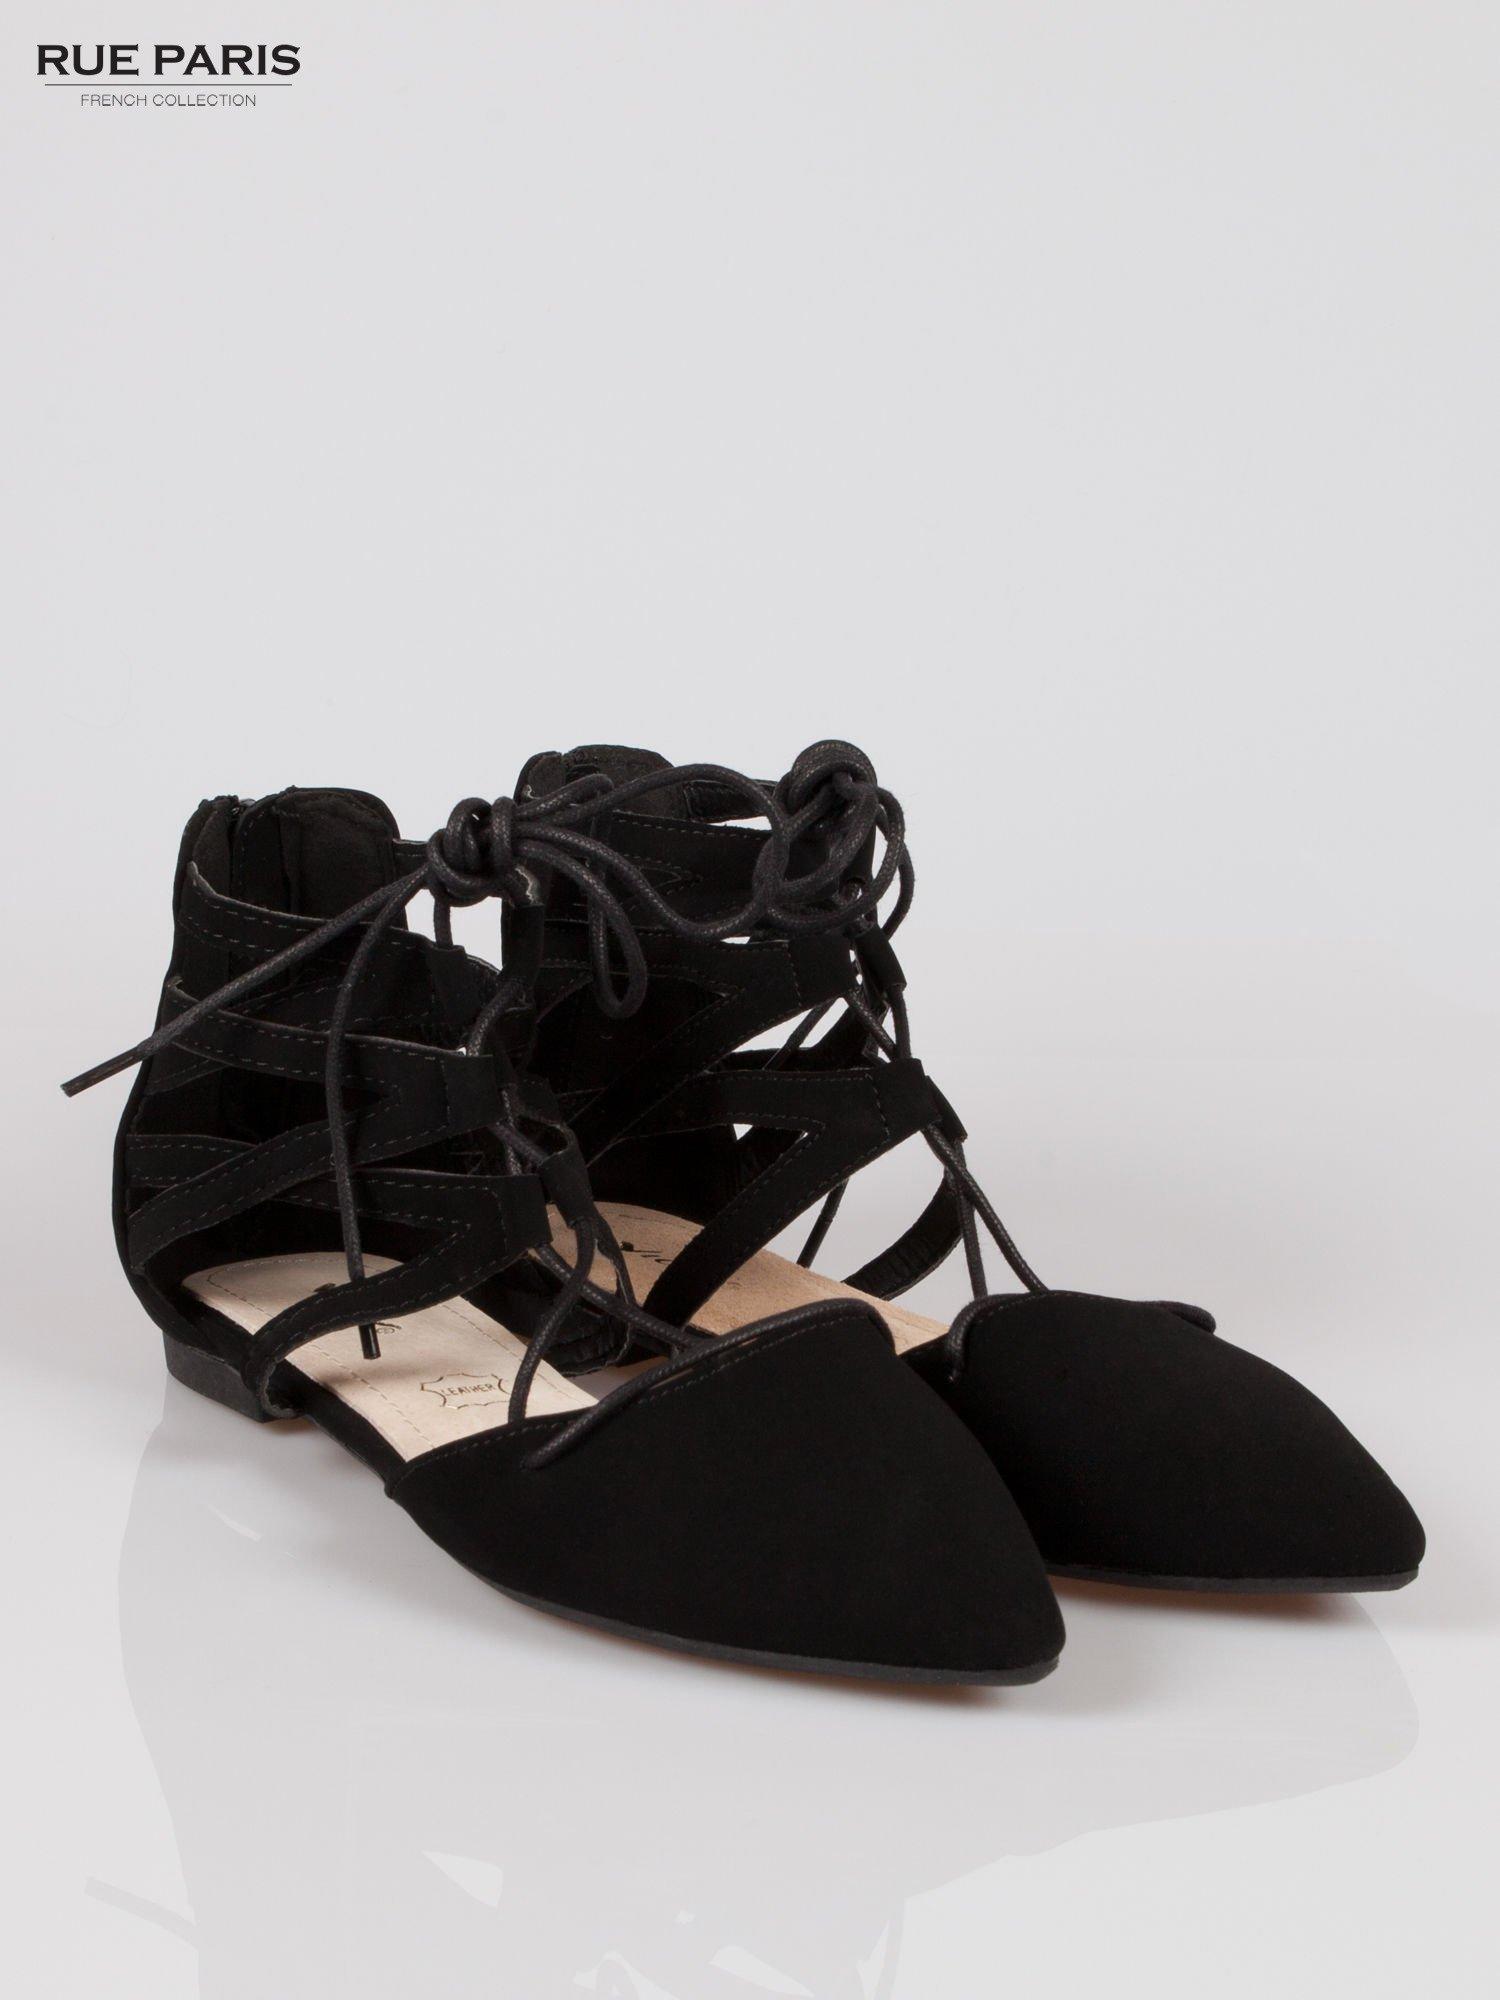 Czarne baleriny lace up faux suede Taylor z wiązaniem                                  zdj.                                  2